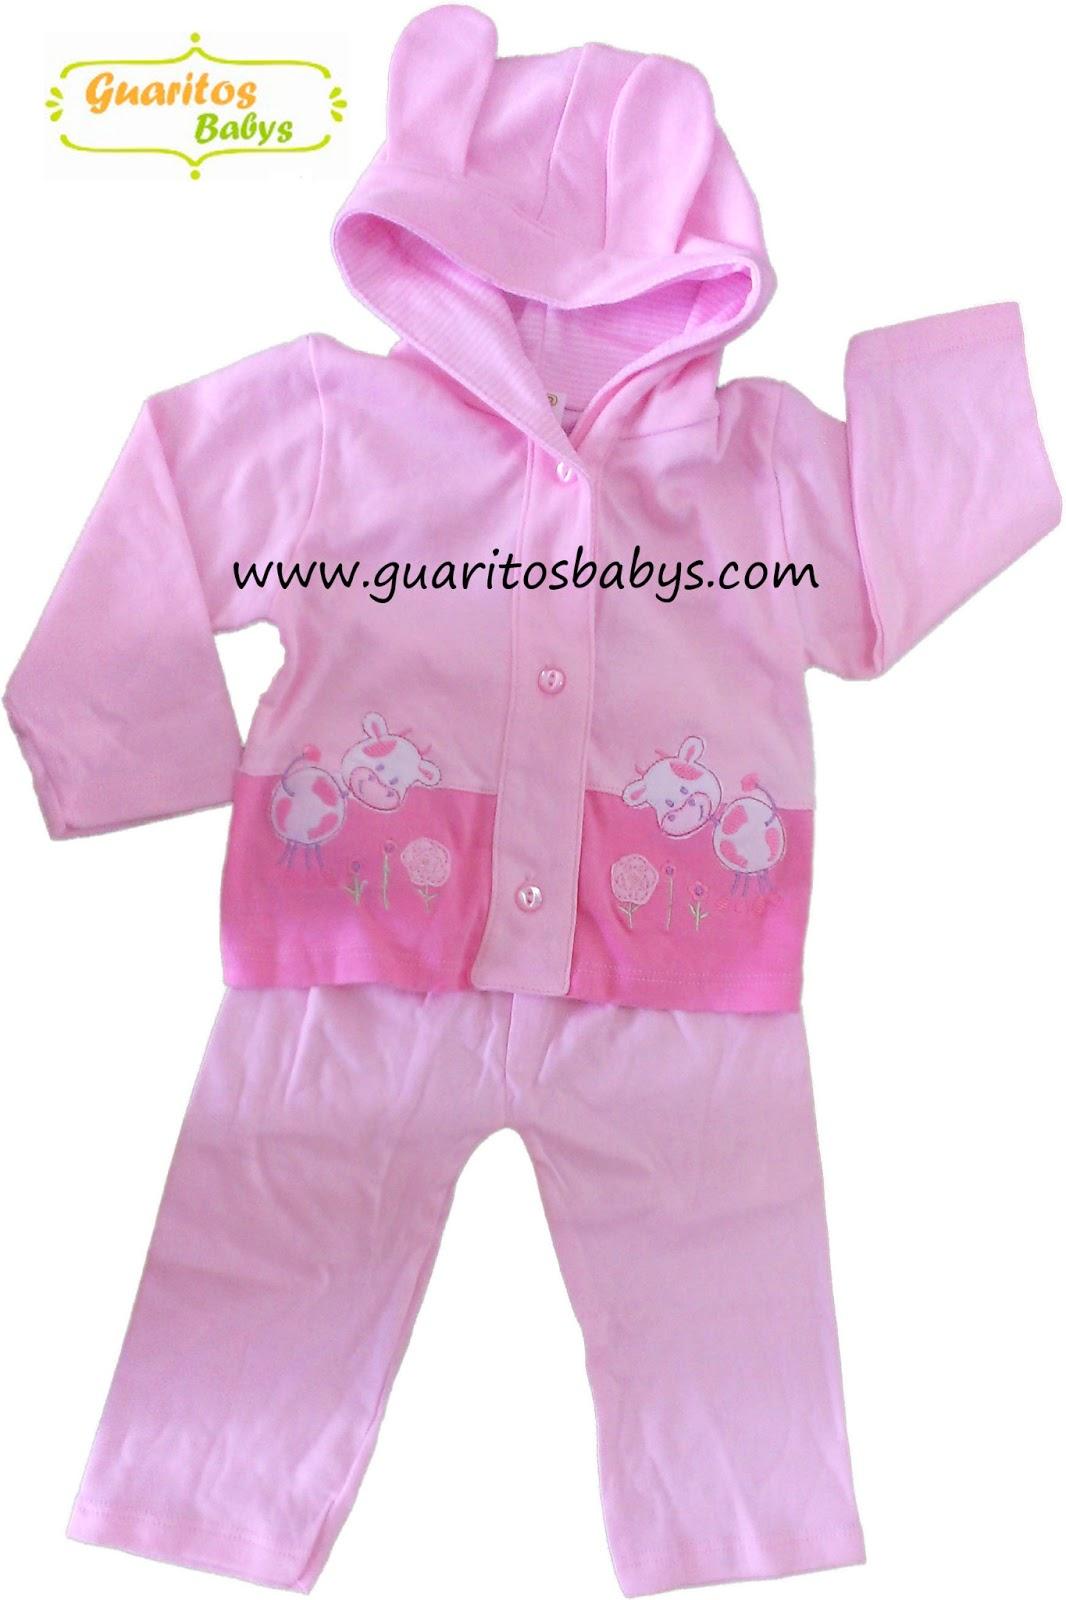 7fa0a3773 100% ALGODÓN PIMA Ventas en línea. Ropa y accesorios para bebés y niños.  Mayor y detal.